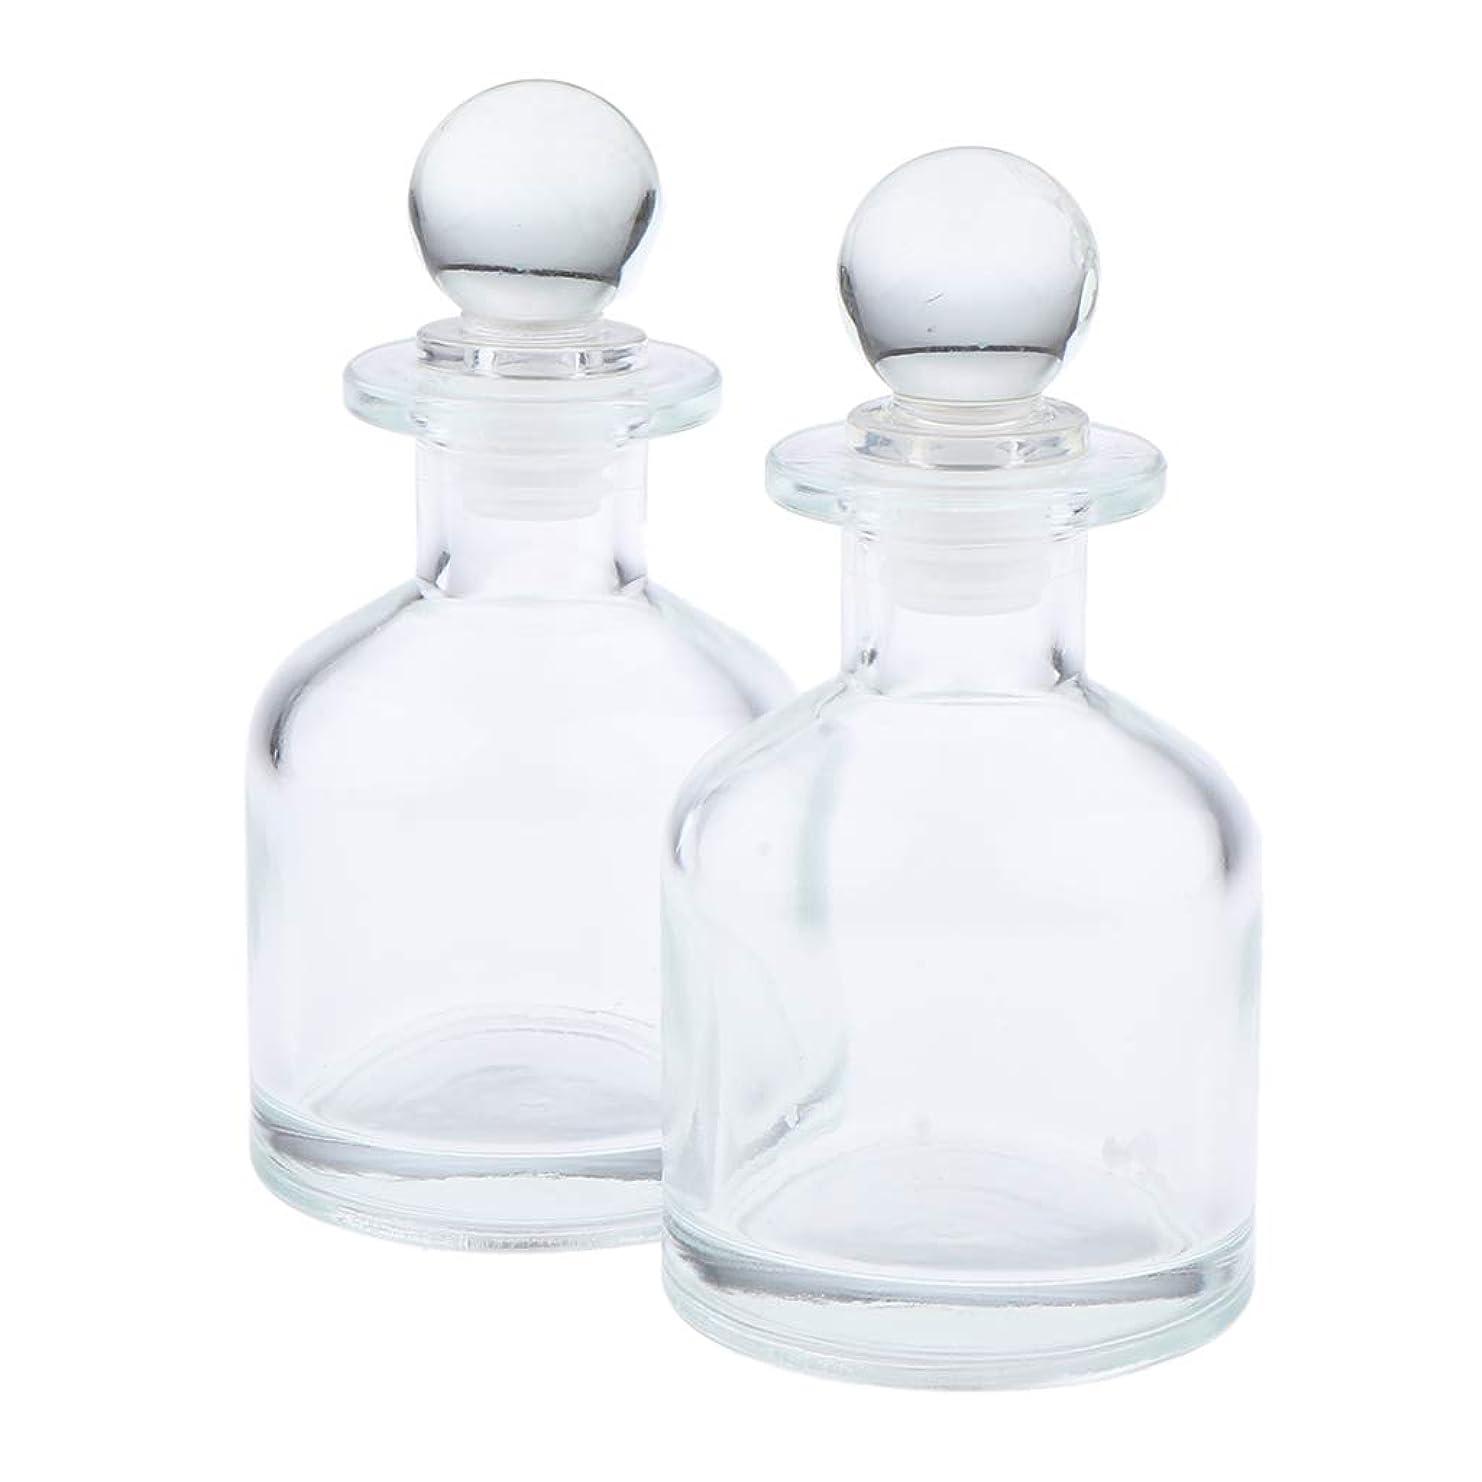 前部無許可船員Toygogo 香水ボトル ガラス エッセンシャルオイル ボトル 透明 丸い 香水瓶 2サイズ選べ - 130ミリリットル